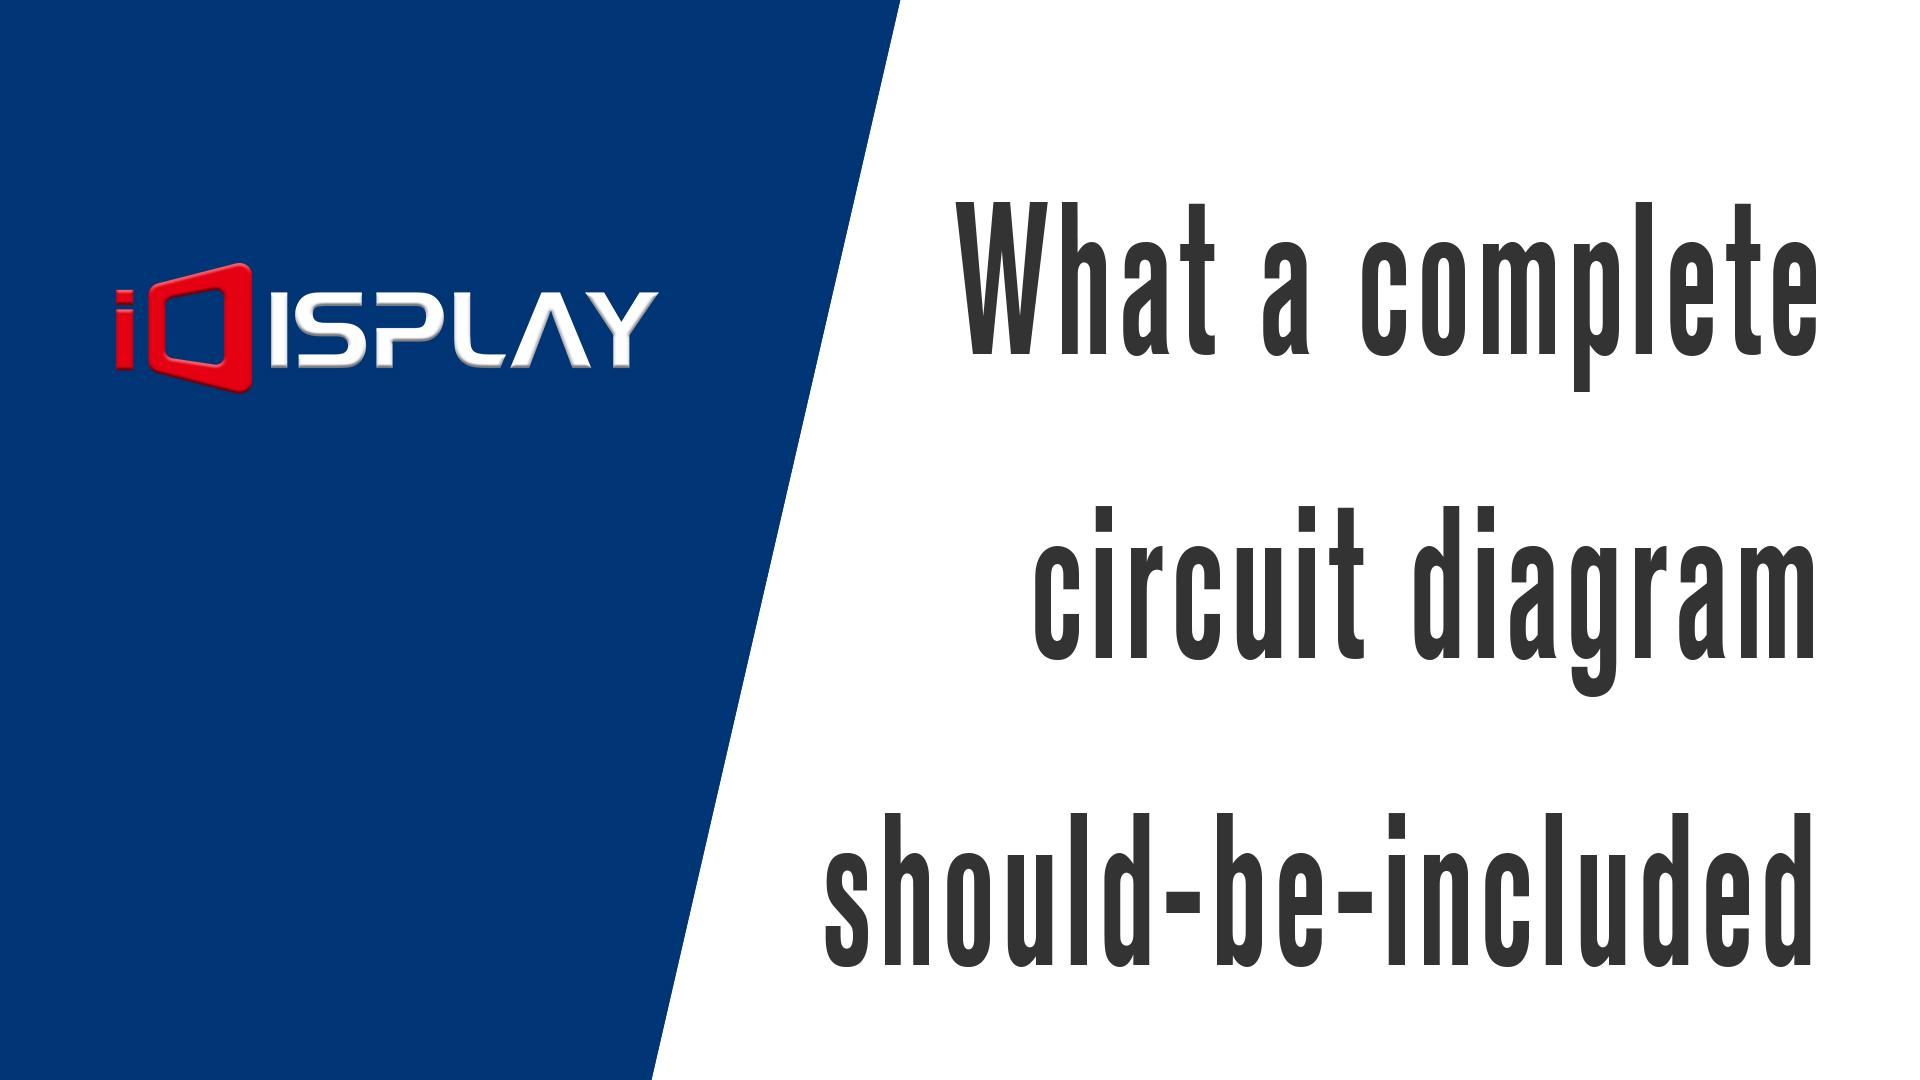 Quel diagramme de circuit complet doit être inclus - Shenzhen Idisplay Technology Ltd